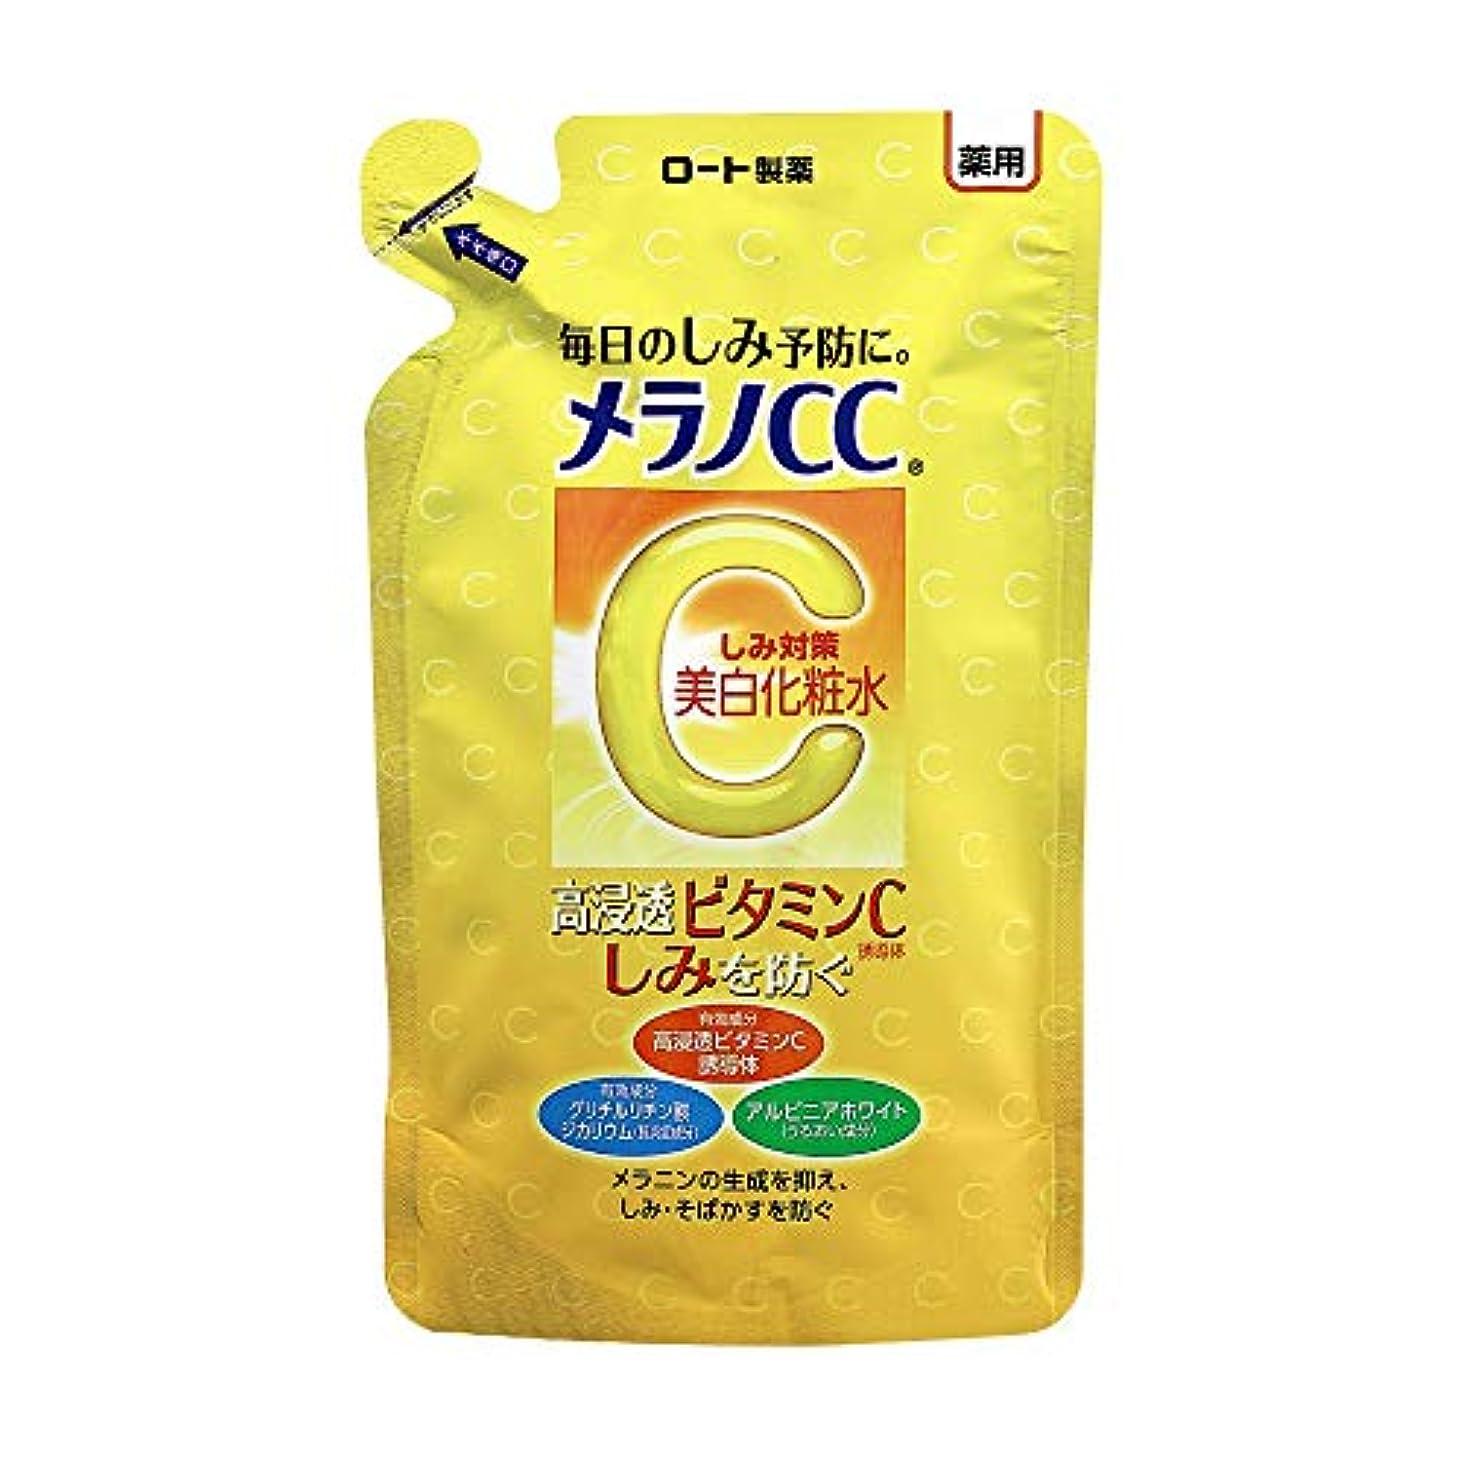 容器甘くするマッシュメラノCC 薬用しみ対策 美白化粧水 (つめかえ用) 170mL【医薬部外品】